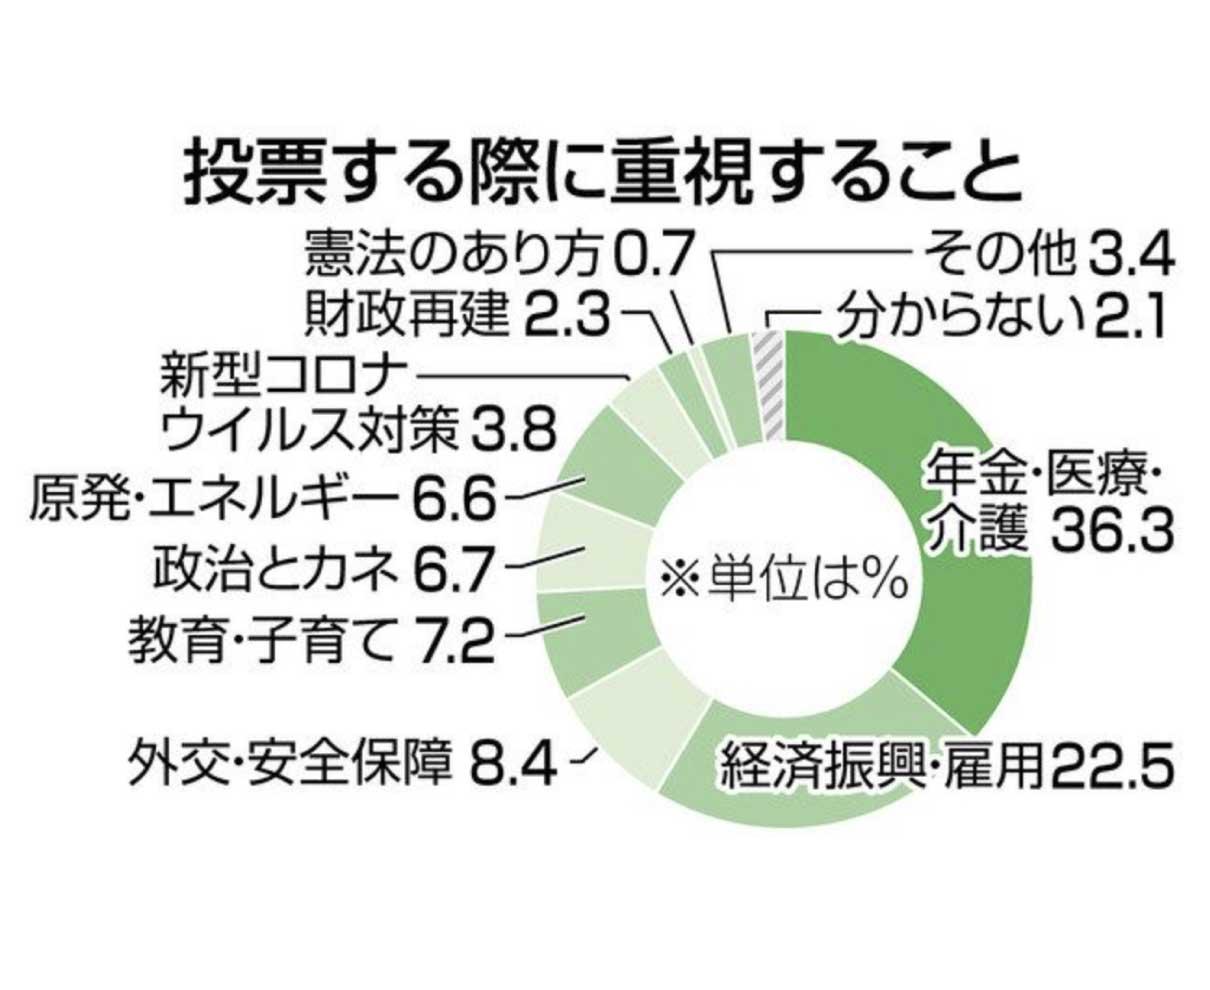 1区稲田氏 幅広い支持 2区高木氏やや優位 本紙終盤情勢調査